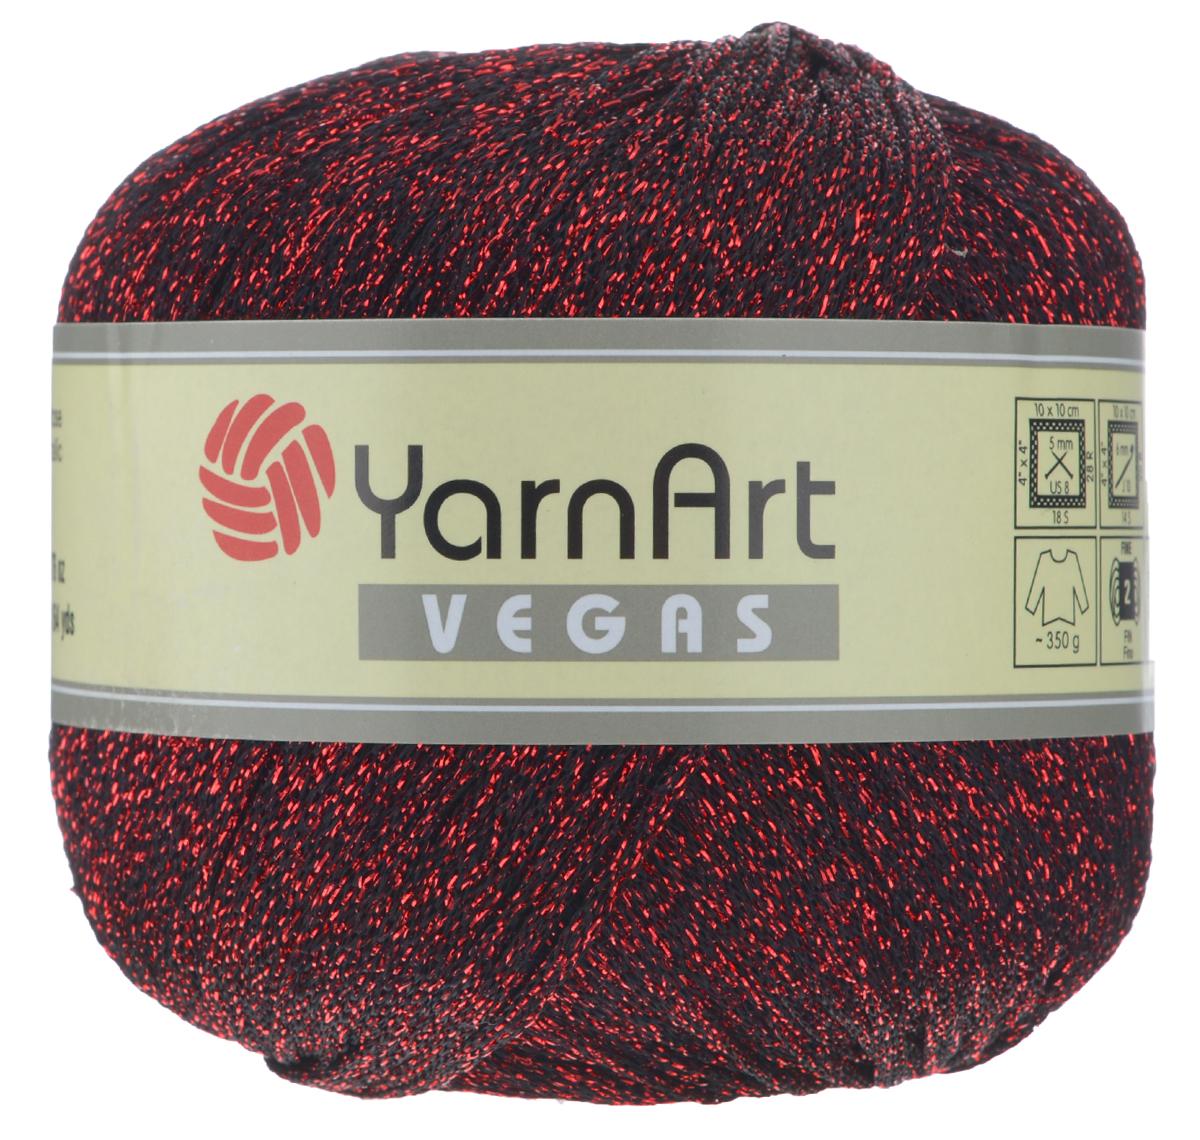 Пряжа для вязания YarnArt Vegas, цвет: красный, черный (50), 150 м, 50 г, 4 шт пряжа для вязания yarnart baby color цвет белый черный 273 150 м 50 г 5 шт